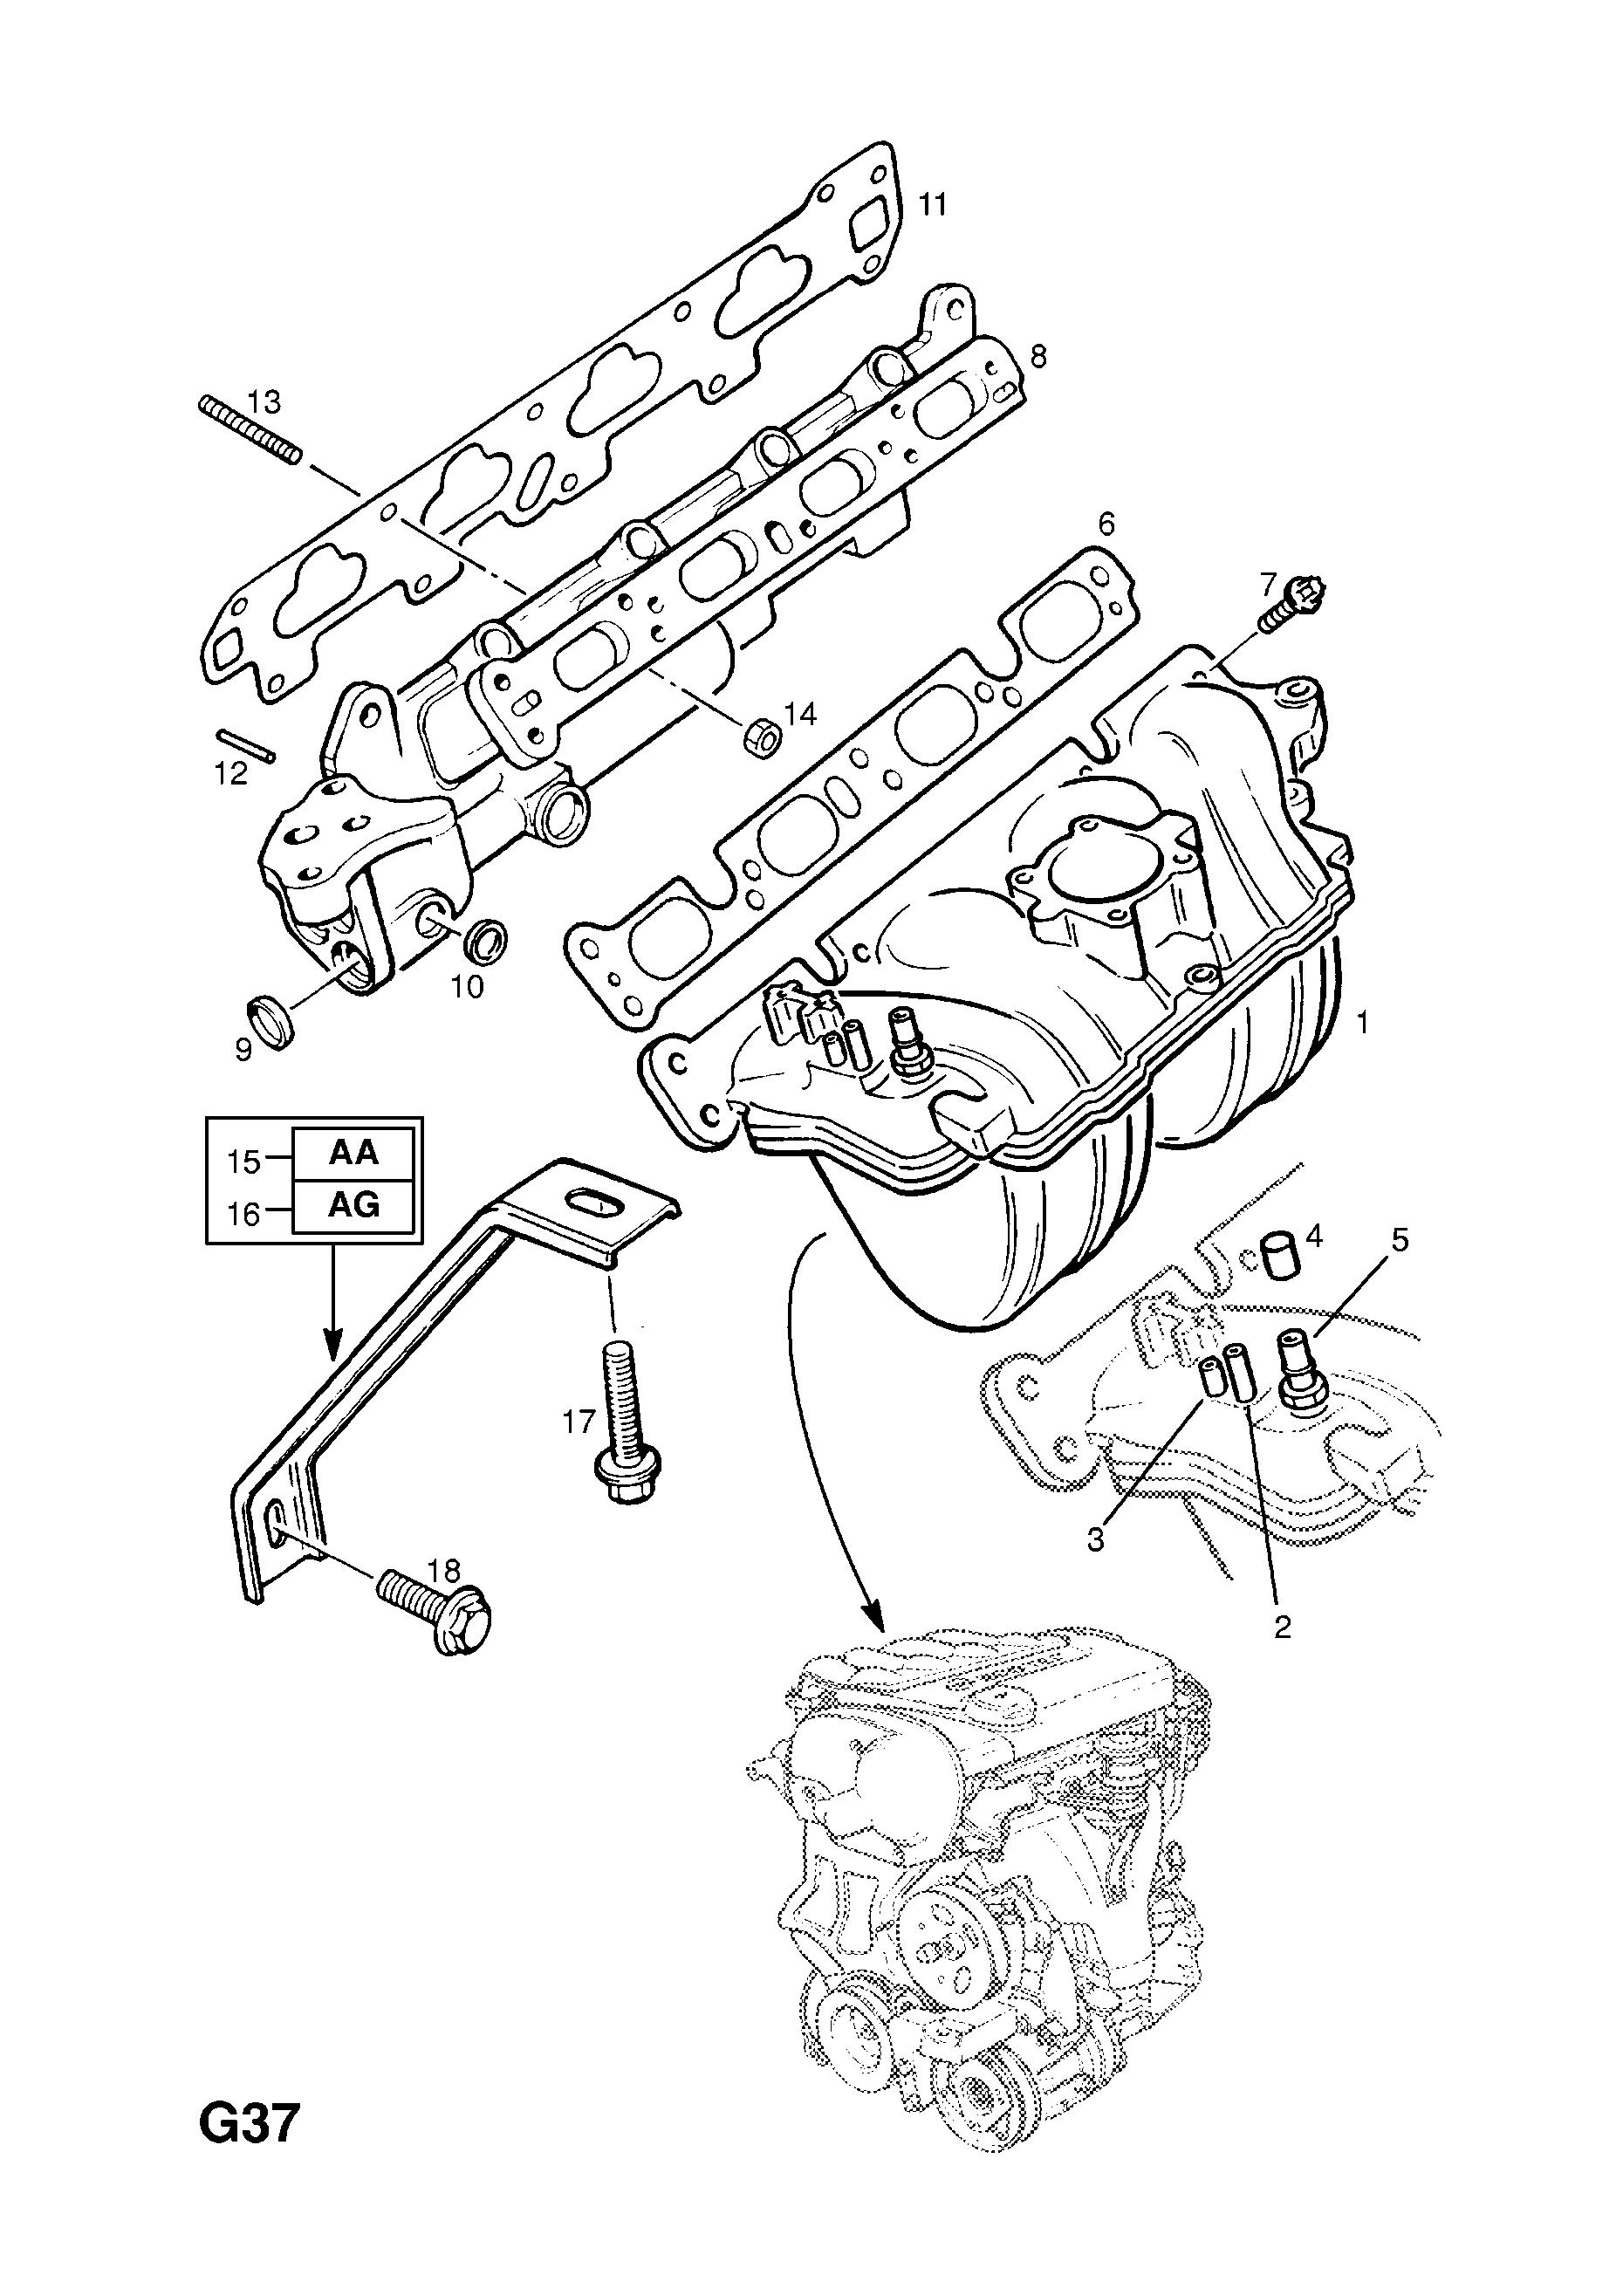 Land rover belt routing additionally serpentine belt diagram 2004 land rover freelander v6 25 liter engine